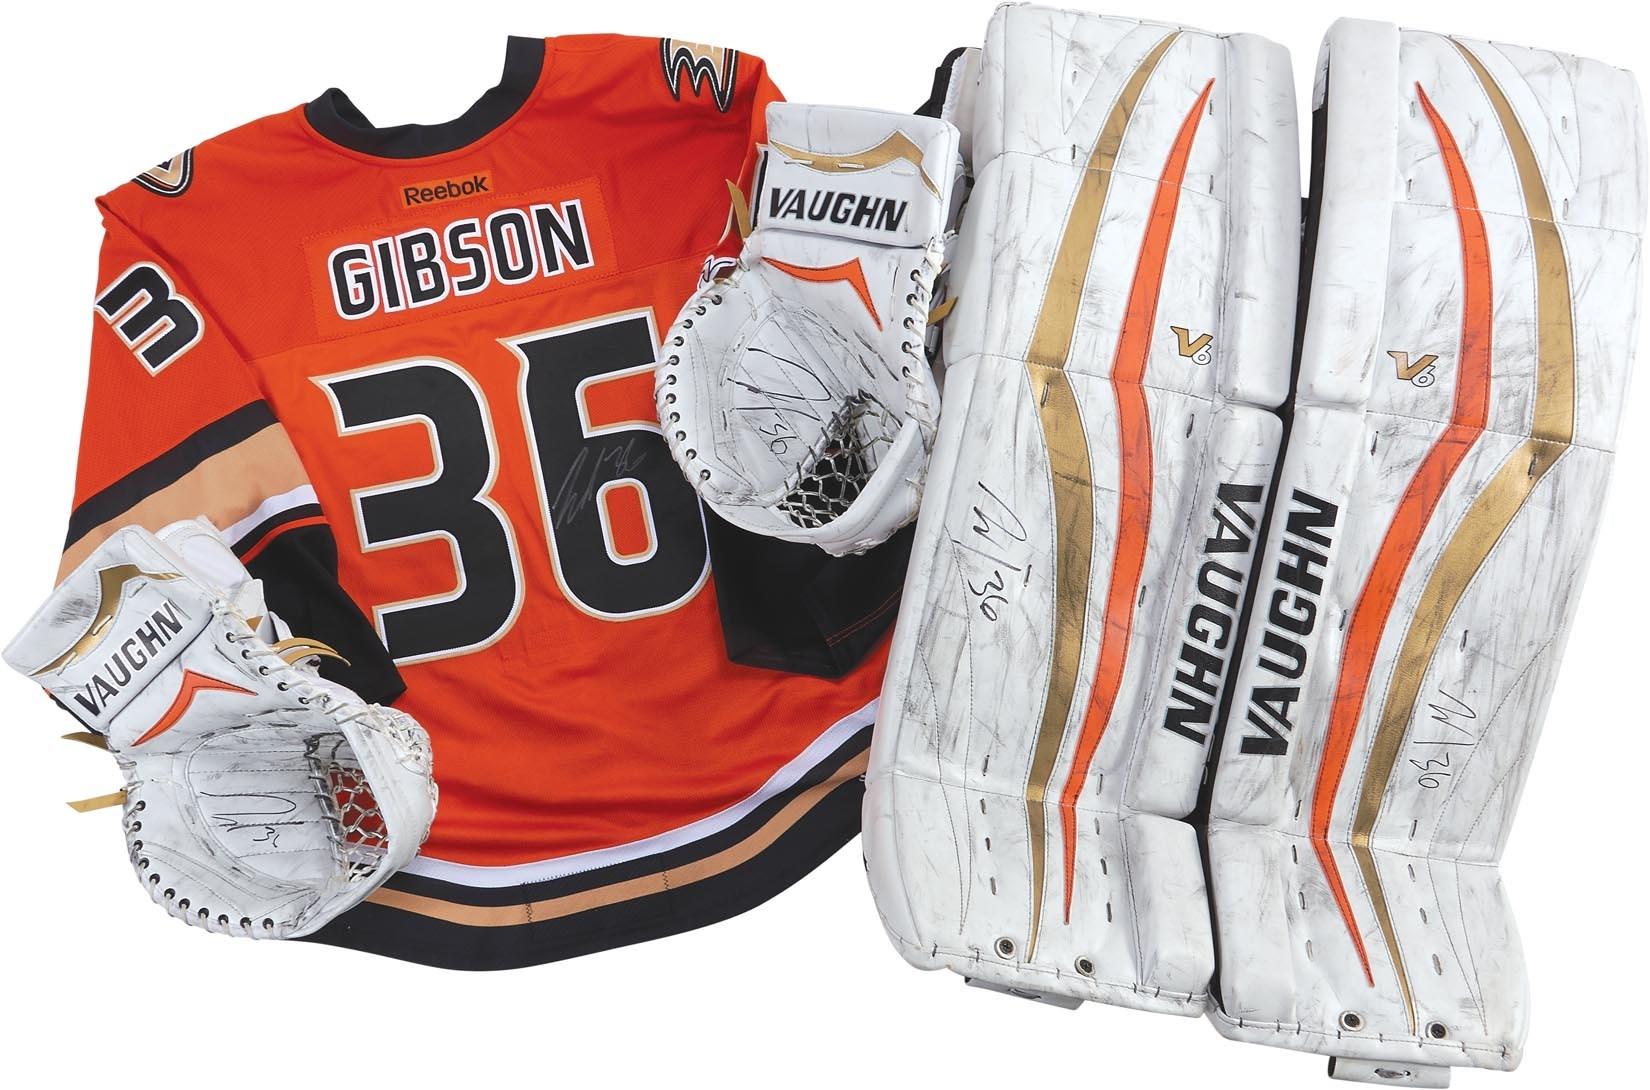 John Gibson Anaheim Ducks Game Worn Jersey and Goalie Equipment cffc79e48f5